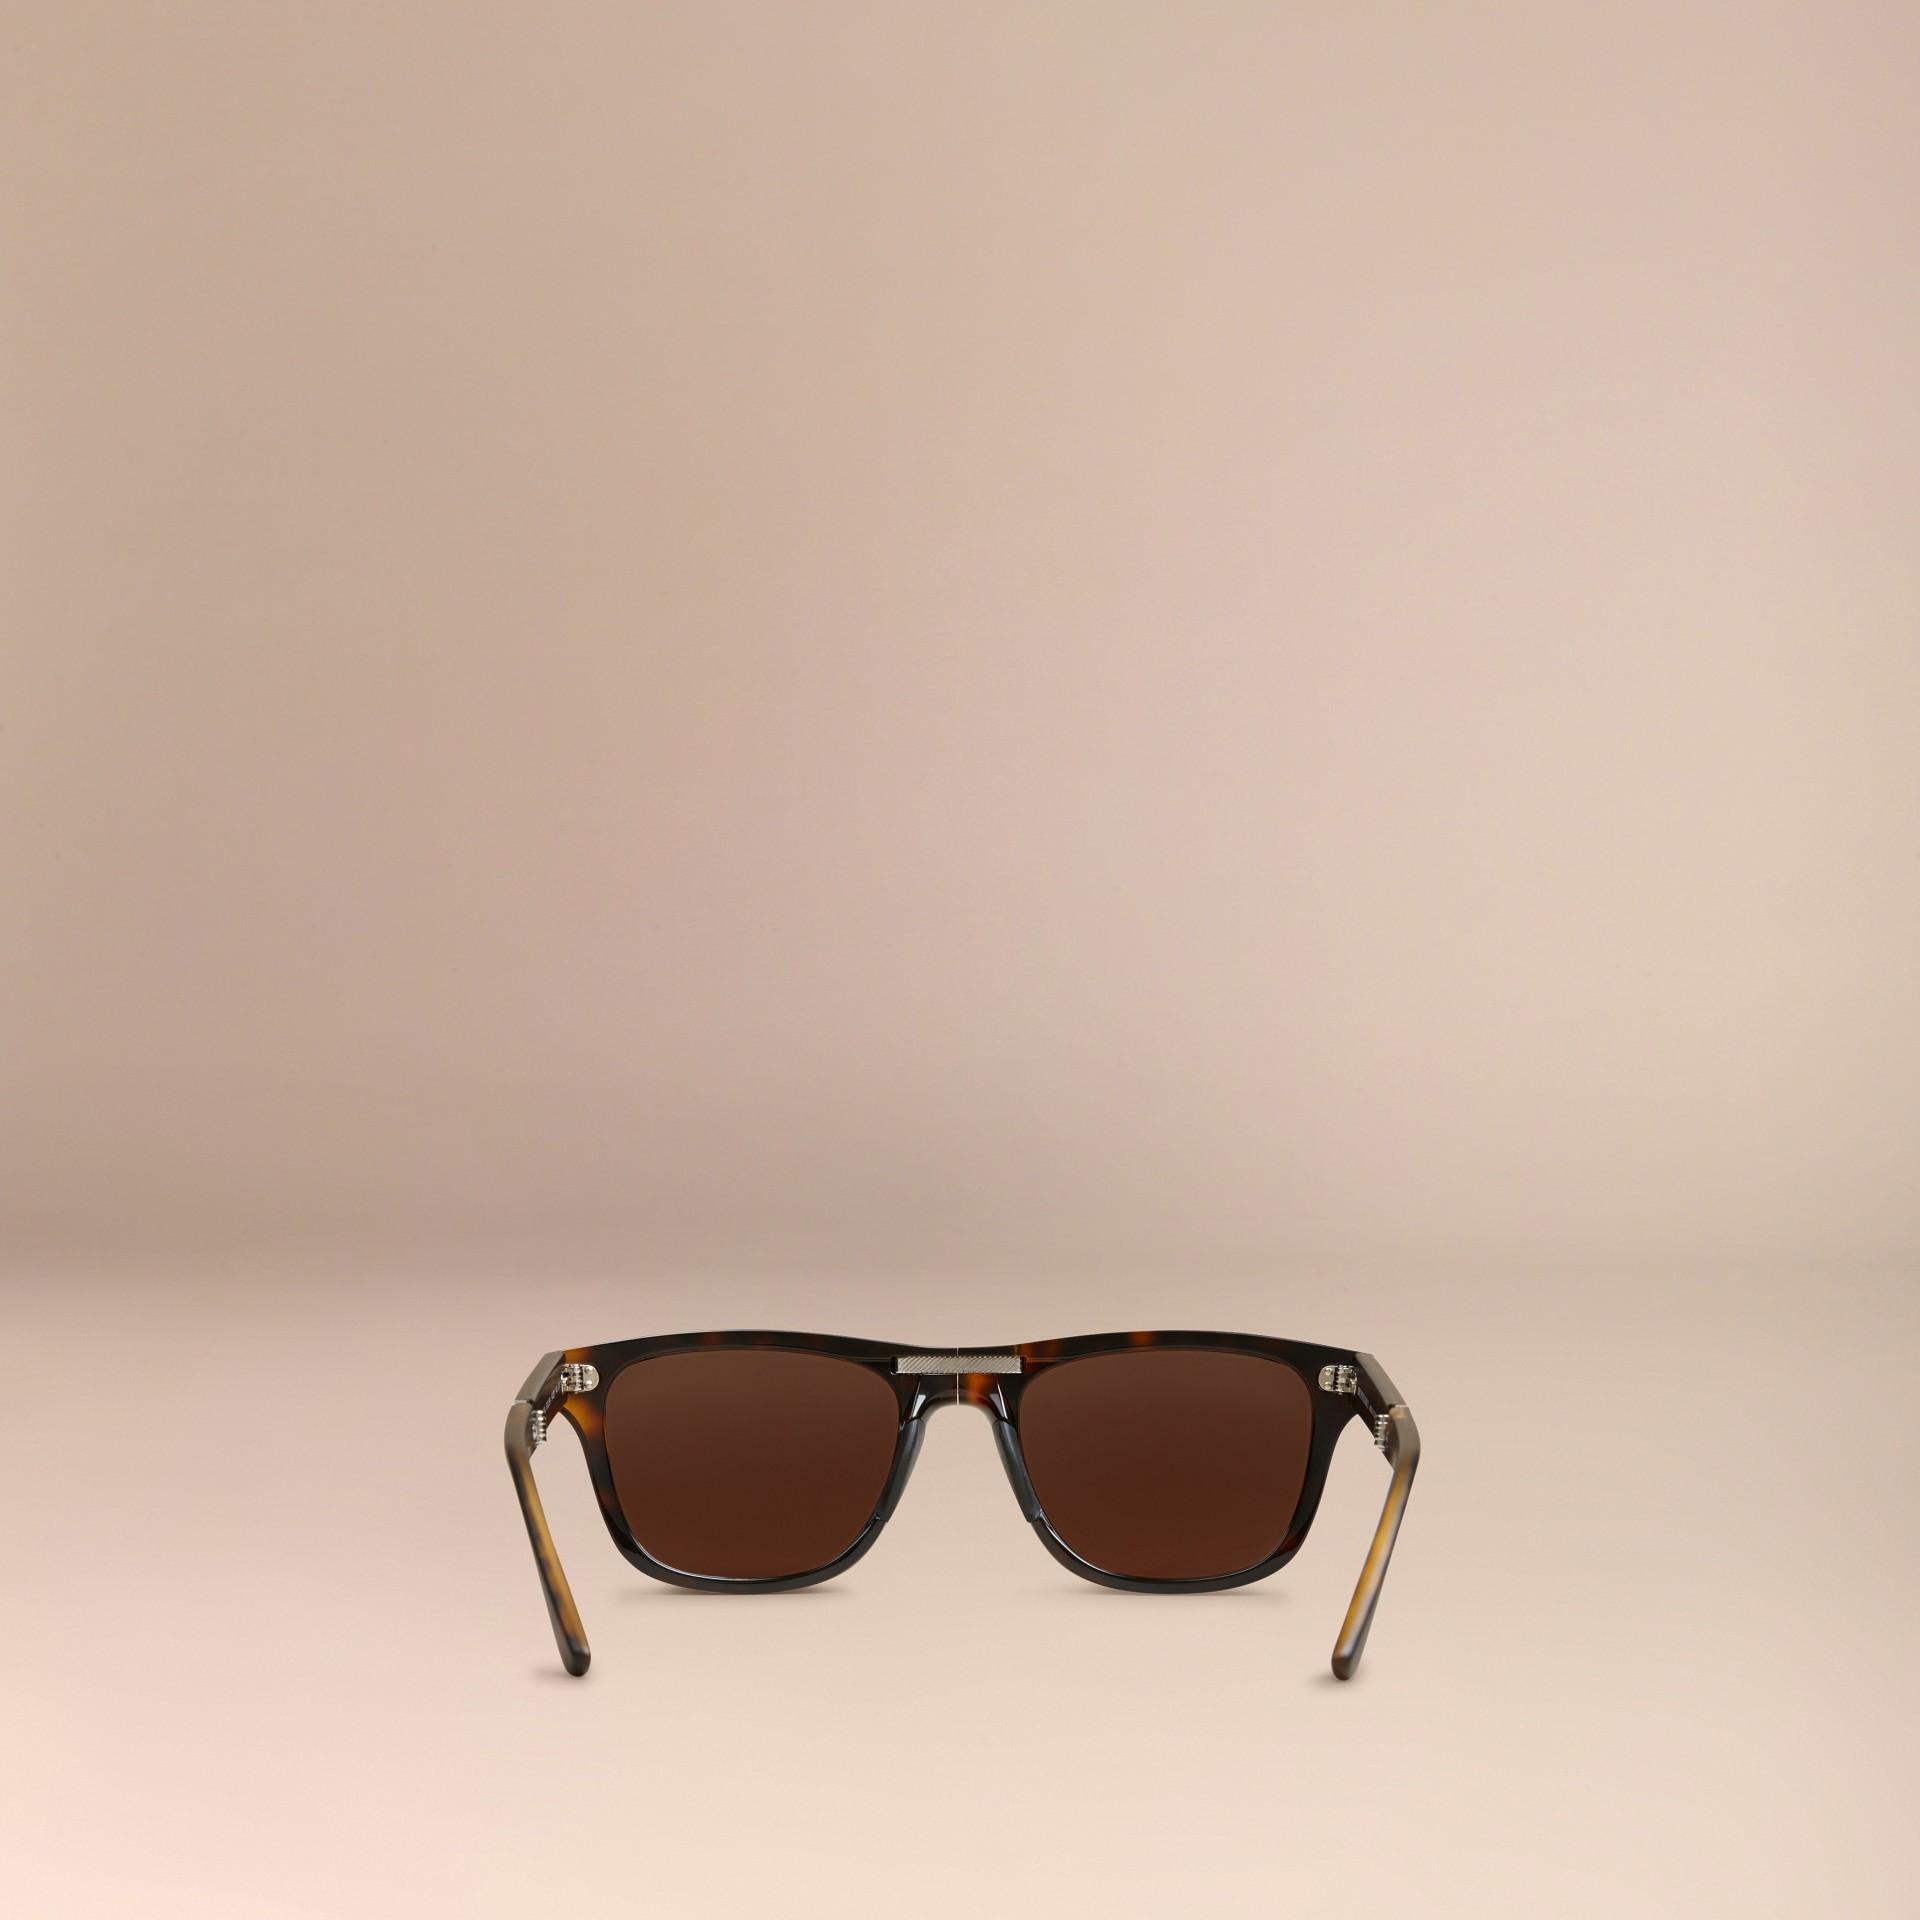 Marrone scuro Occhiali da sole con montatura rettangolare pieghevole Marrone Scuro - immagine della galleria 4